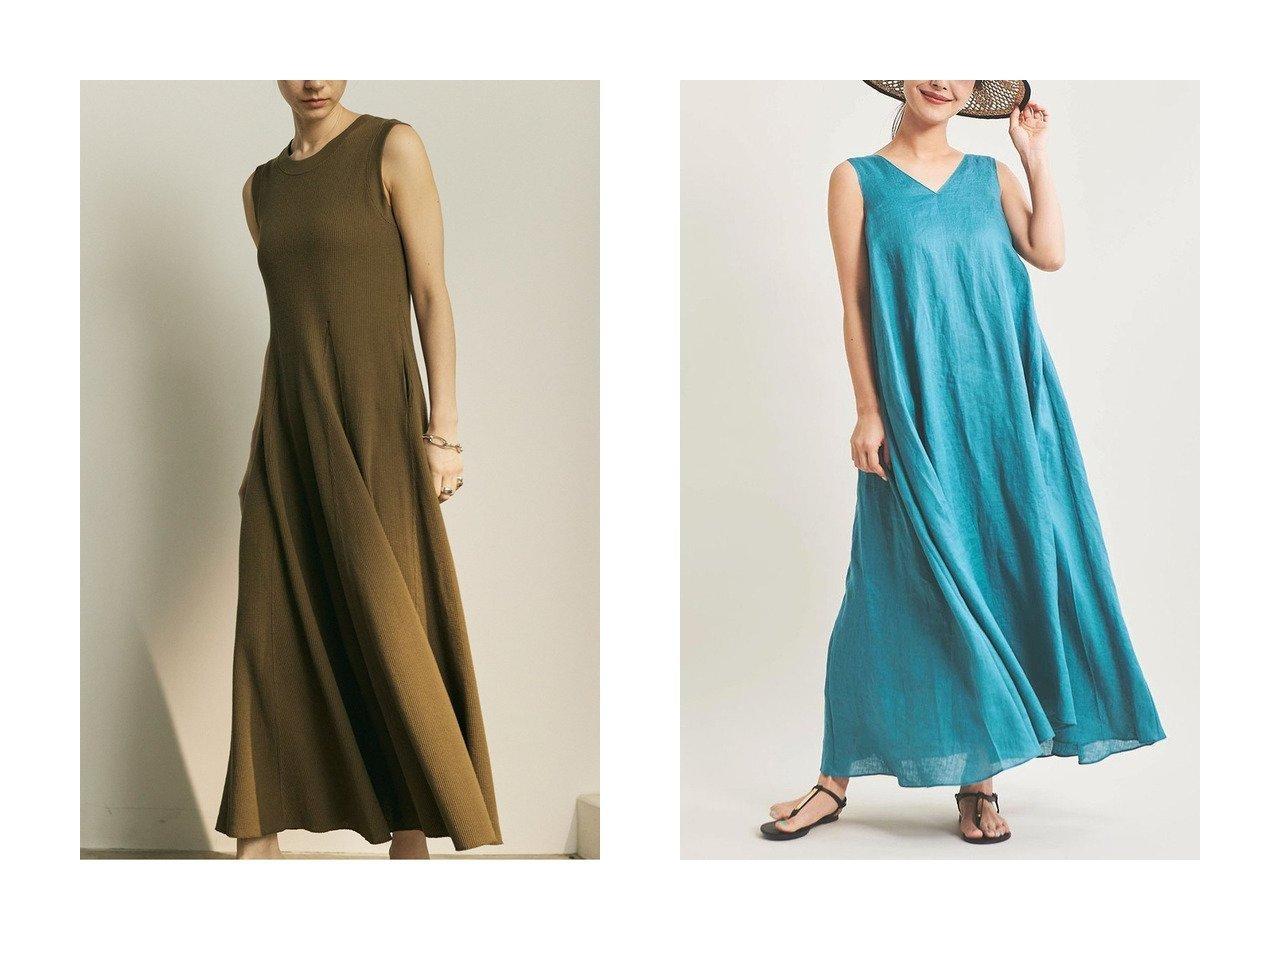 【The Virgnia/ザ ヴァージニア】のリネンリラクシーワンピース&【GALLARDAGALANTE/ガリャルダガランテ】のノースリーブサーマルワンピース 【ワンピース・ドレス】おすすめ!人気、トレンド・レディースファッションの通販 おすすめで人気の流行・トレンド、ファッションの通販商品 メンズファッション・キッズファッション・インテリア・家具・レディースファッション・服の通販 founy(ファニー) https://founy.com/ ファッション Fashion レディースファッション WOMEN ワンピース Dress S/S・春夏 SS・Spring/Summer おすすめ Recommend エレガント サマー ジャケット スリーブ フィット フレア ポケット ロング 春 Spring オレンジ フランス ラグジュアリー リネン リュクス  ID:crp329100000038646